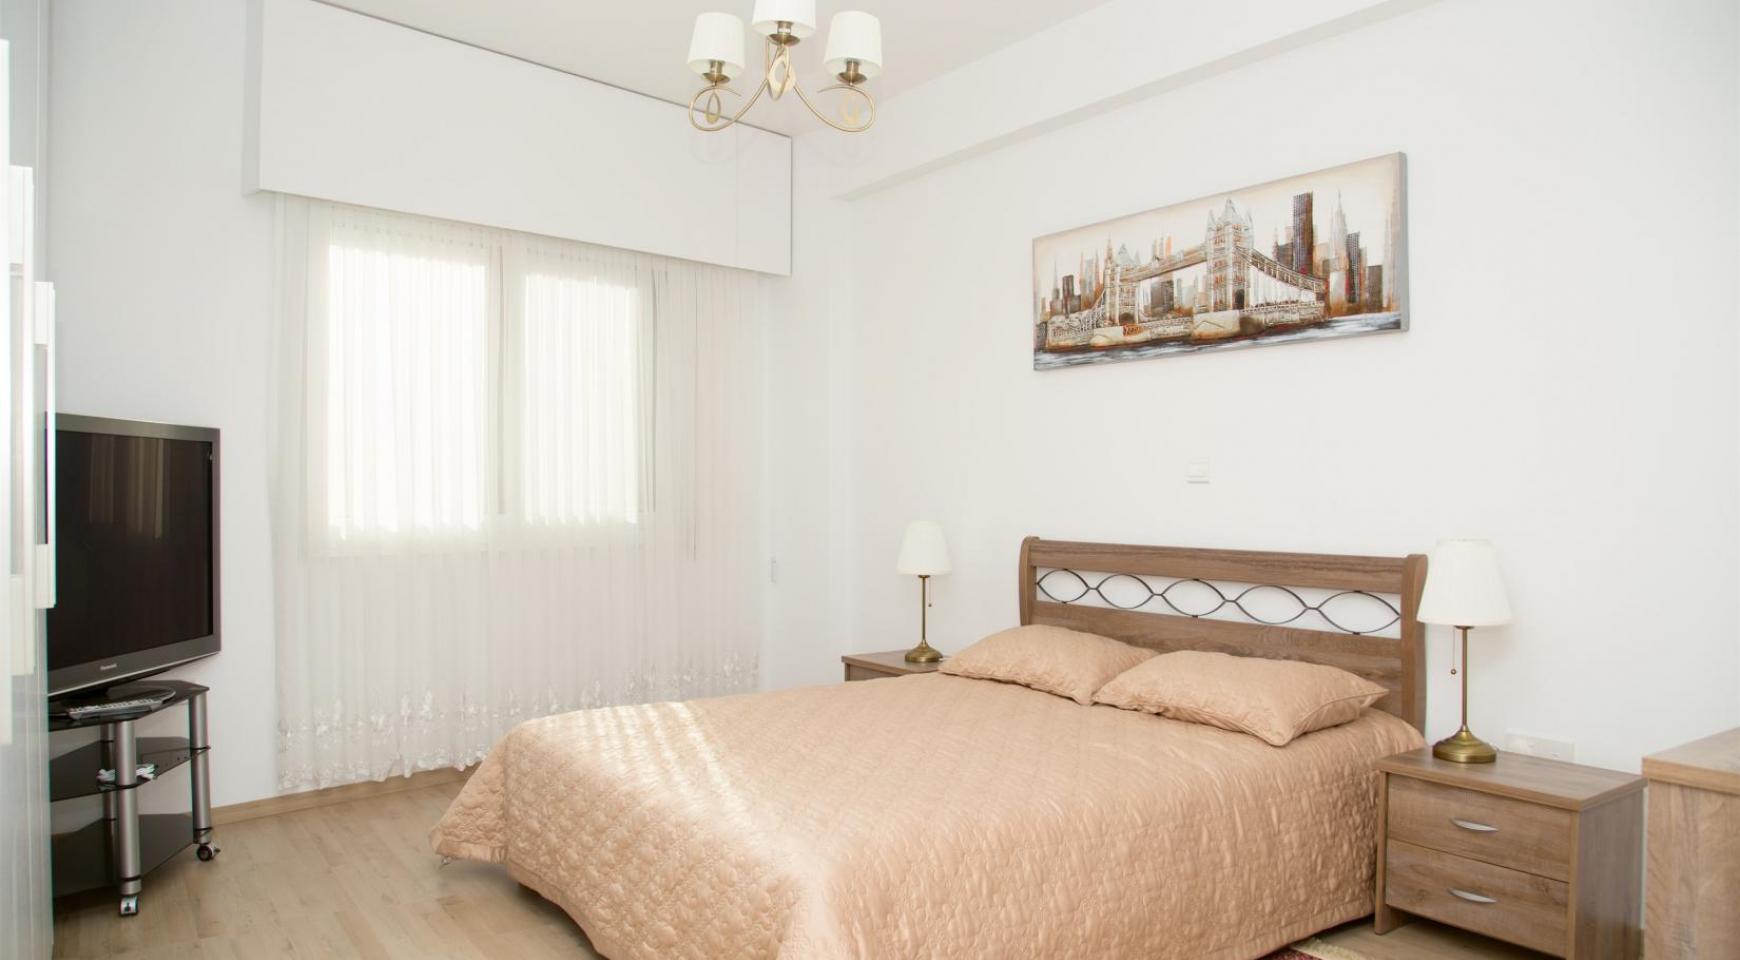 Полностью Отремонтированная 3-Спальная Квартира Класса Люкс на Первой Линии от Моря - 16